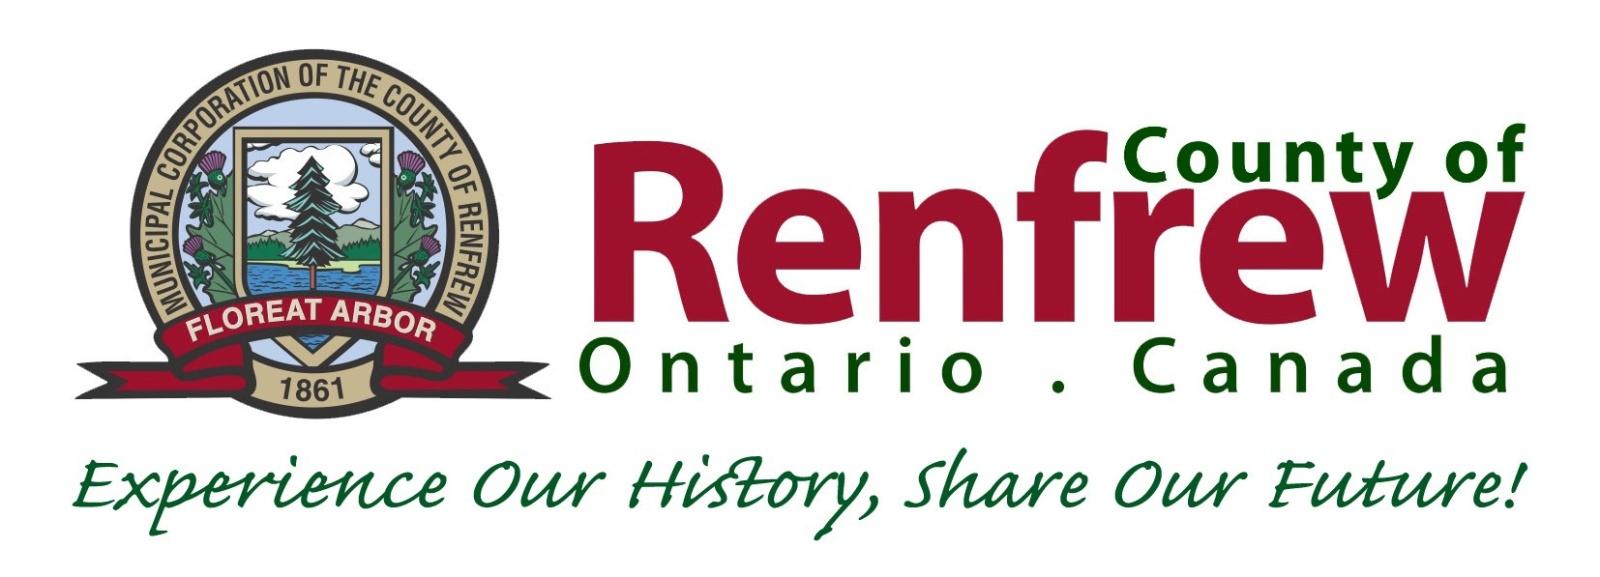 County of Renfrew